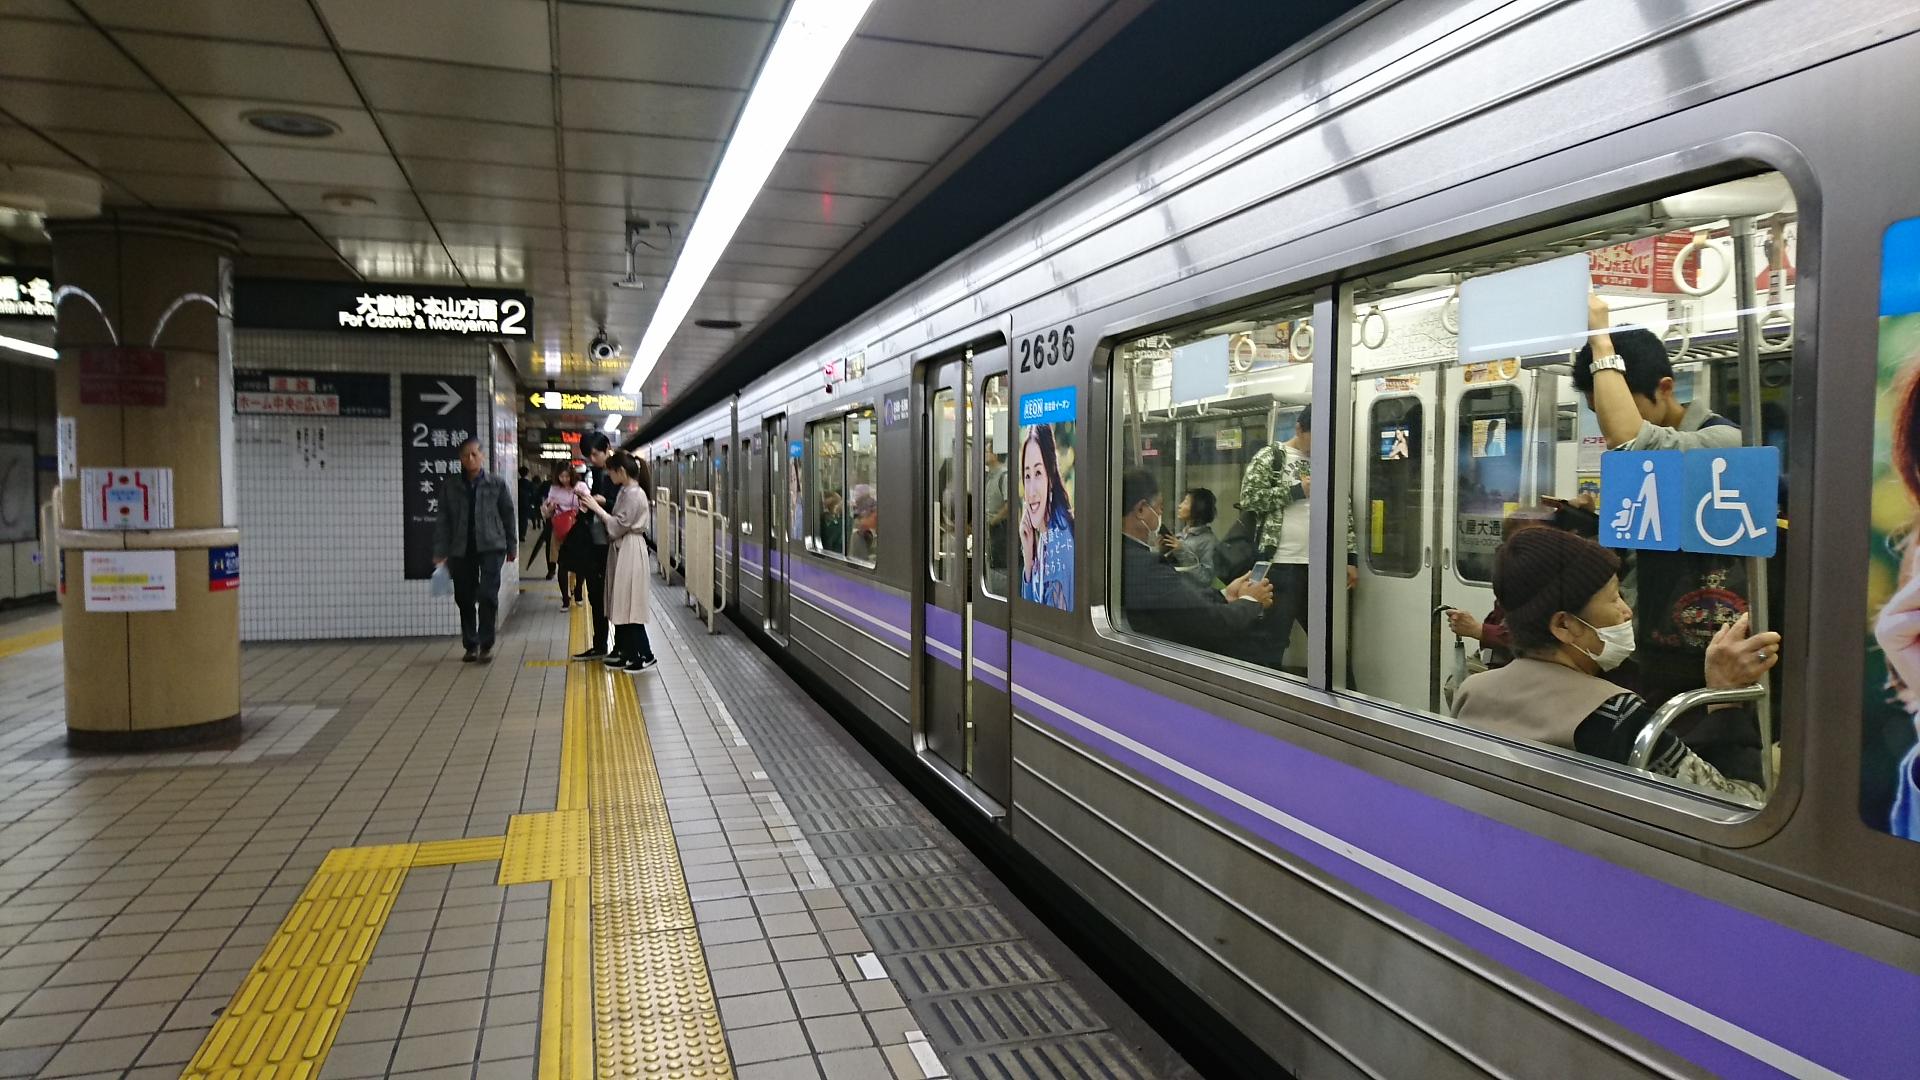 2018.4.24 名古屋 (9) 市役所 - 大曽根いき 1920-1080